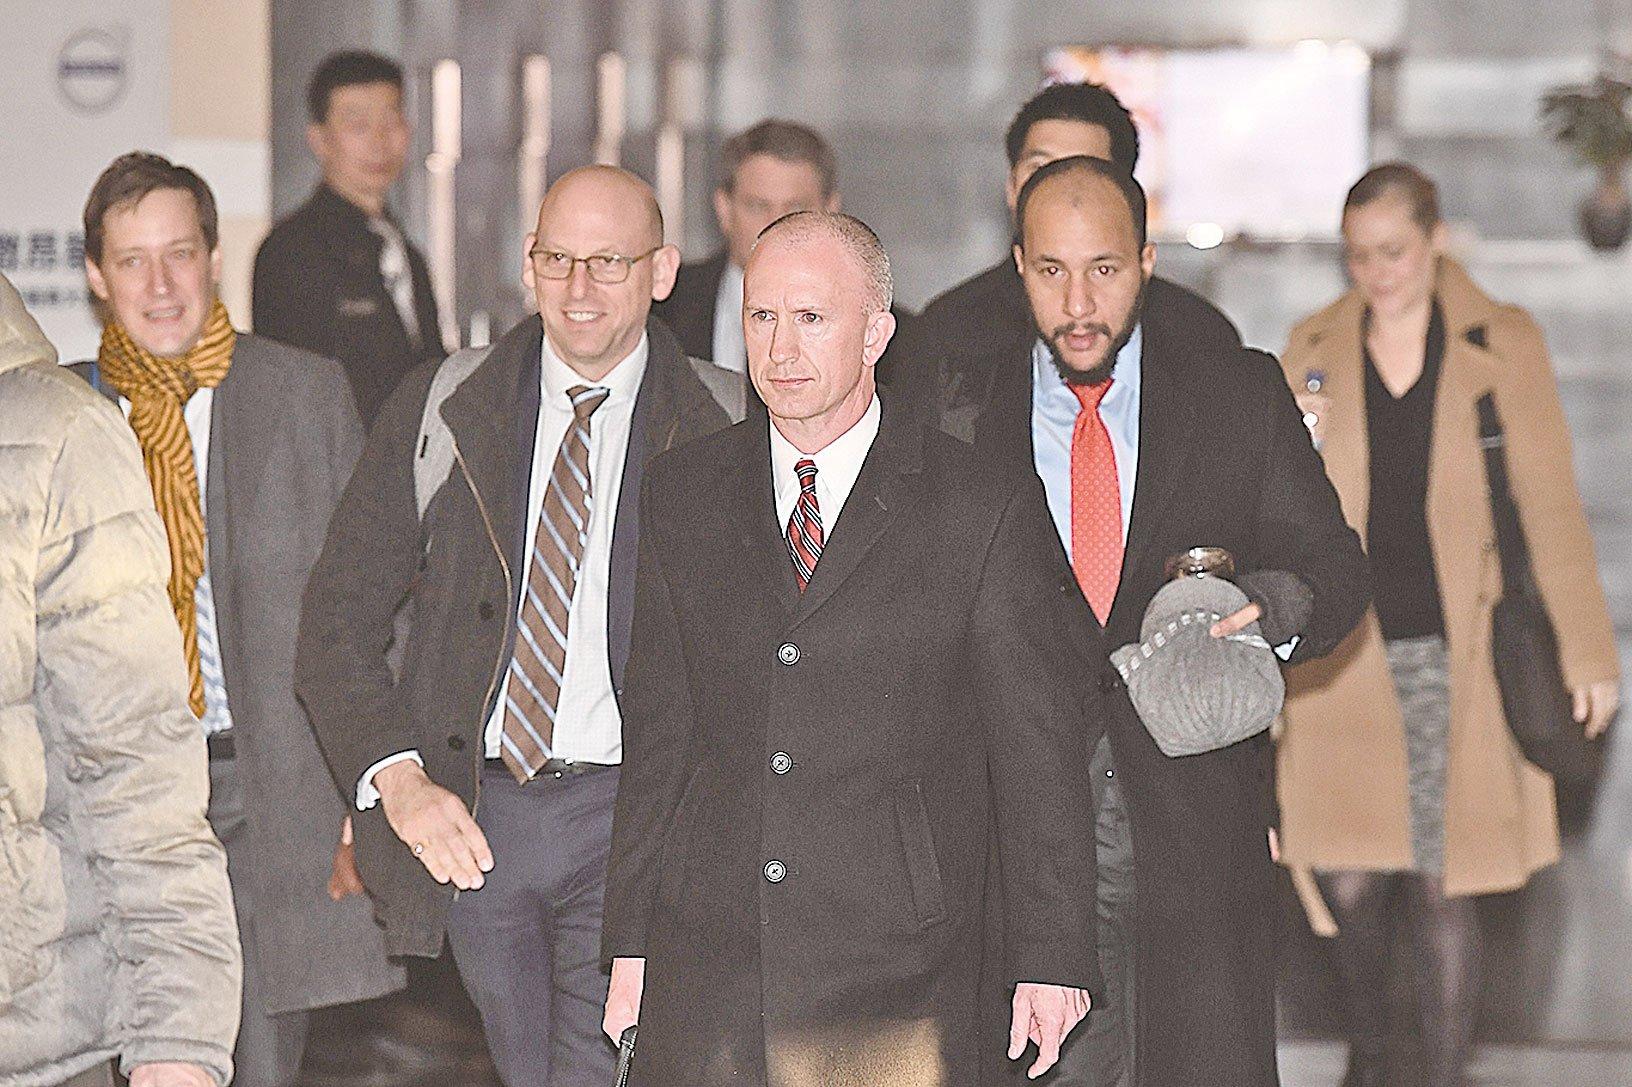 中美貿易談判1月9日在北京結束,圖為美國代表團離開酒店前往談判會場。(GREG BAKER/AFP/Getty Images)